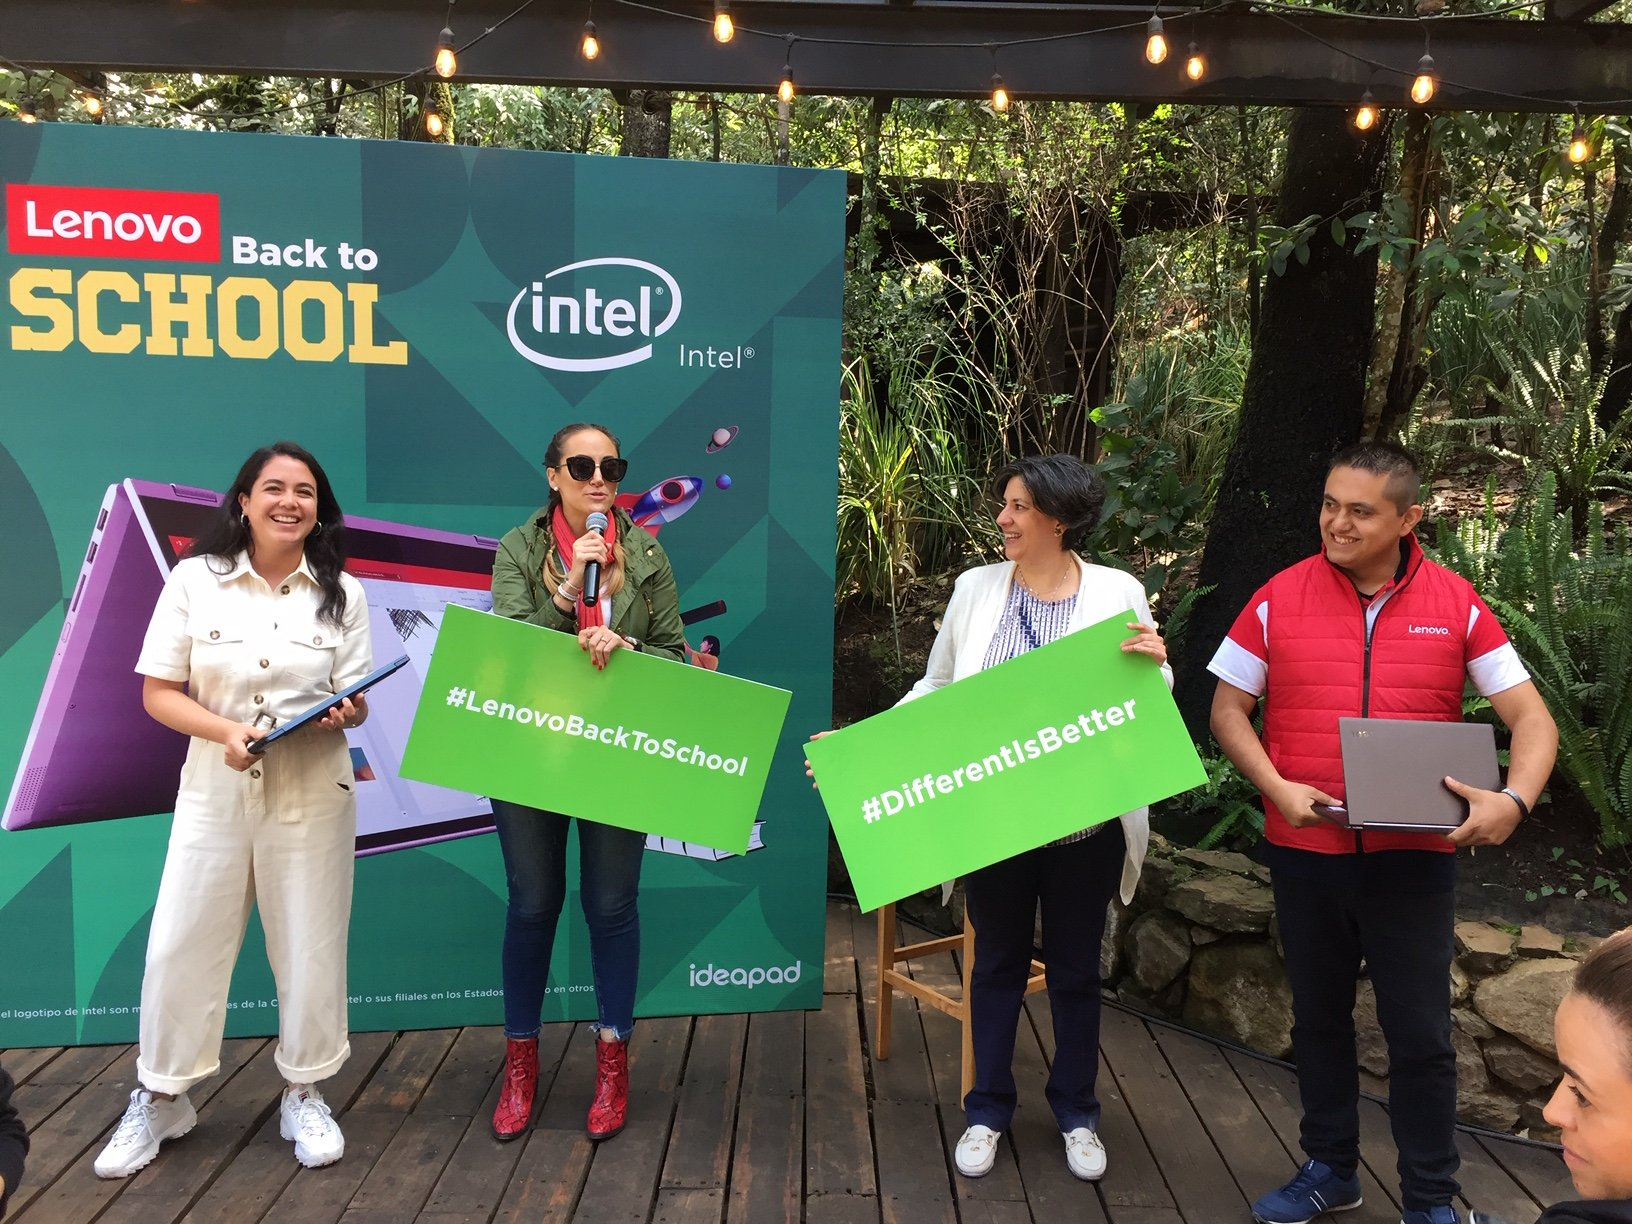 Lenovo presenta su nueva línea y equipos para regreso a clases